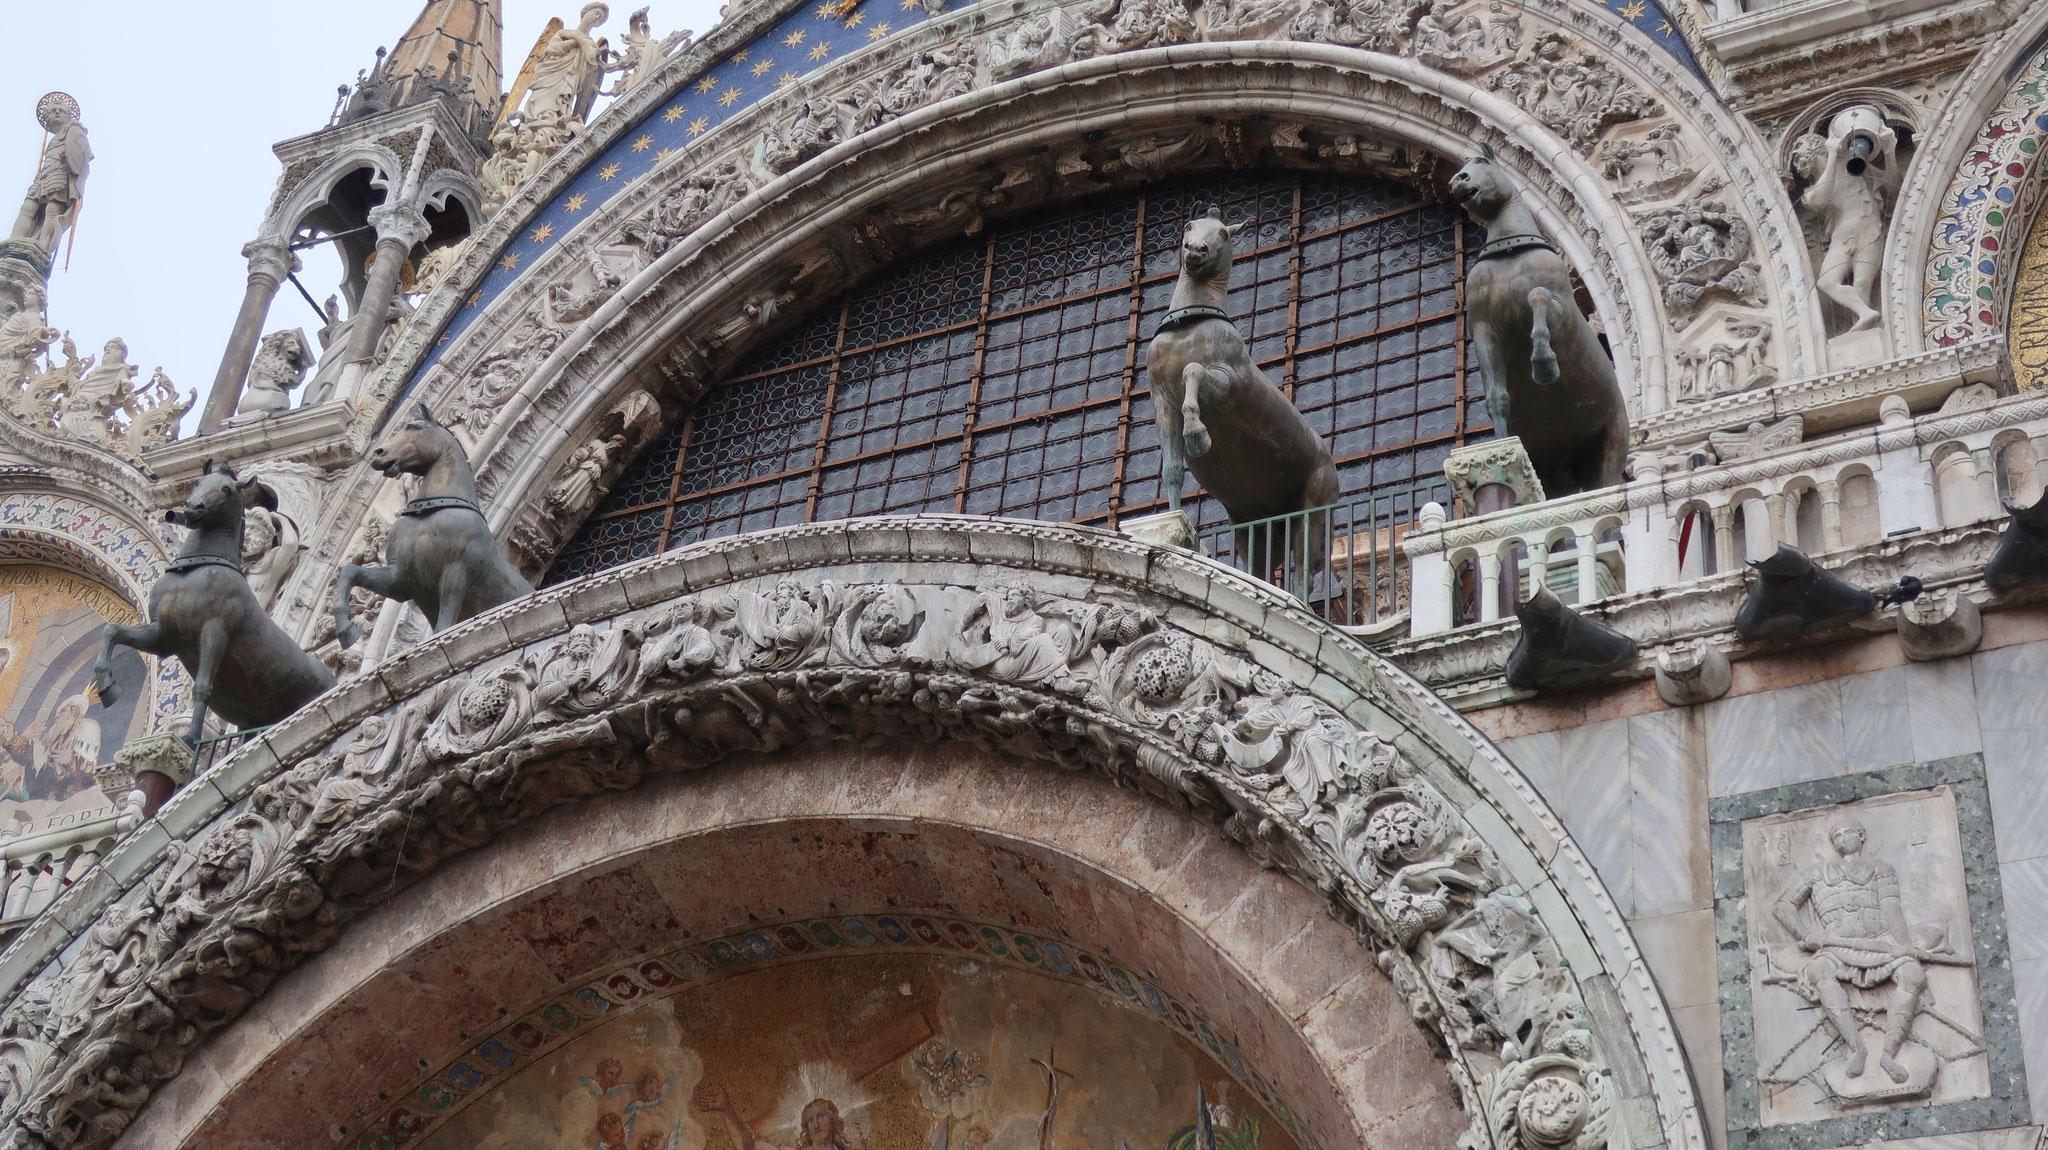 サン・マルコ寺院に飾られた4頭のブロンズ製の馬。 ナポレオンがヴェネツィアを征服した際、戦利品としてパリに持ち帰りました。 ナポレオンの失脚後、ヴェネツィアに返還され、元の場所に置かれました。